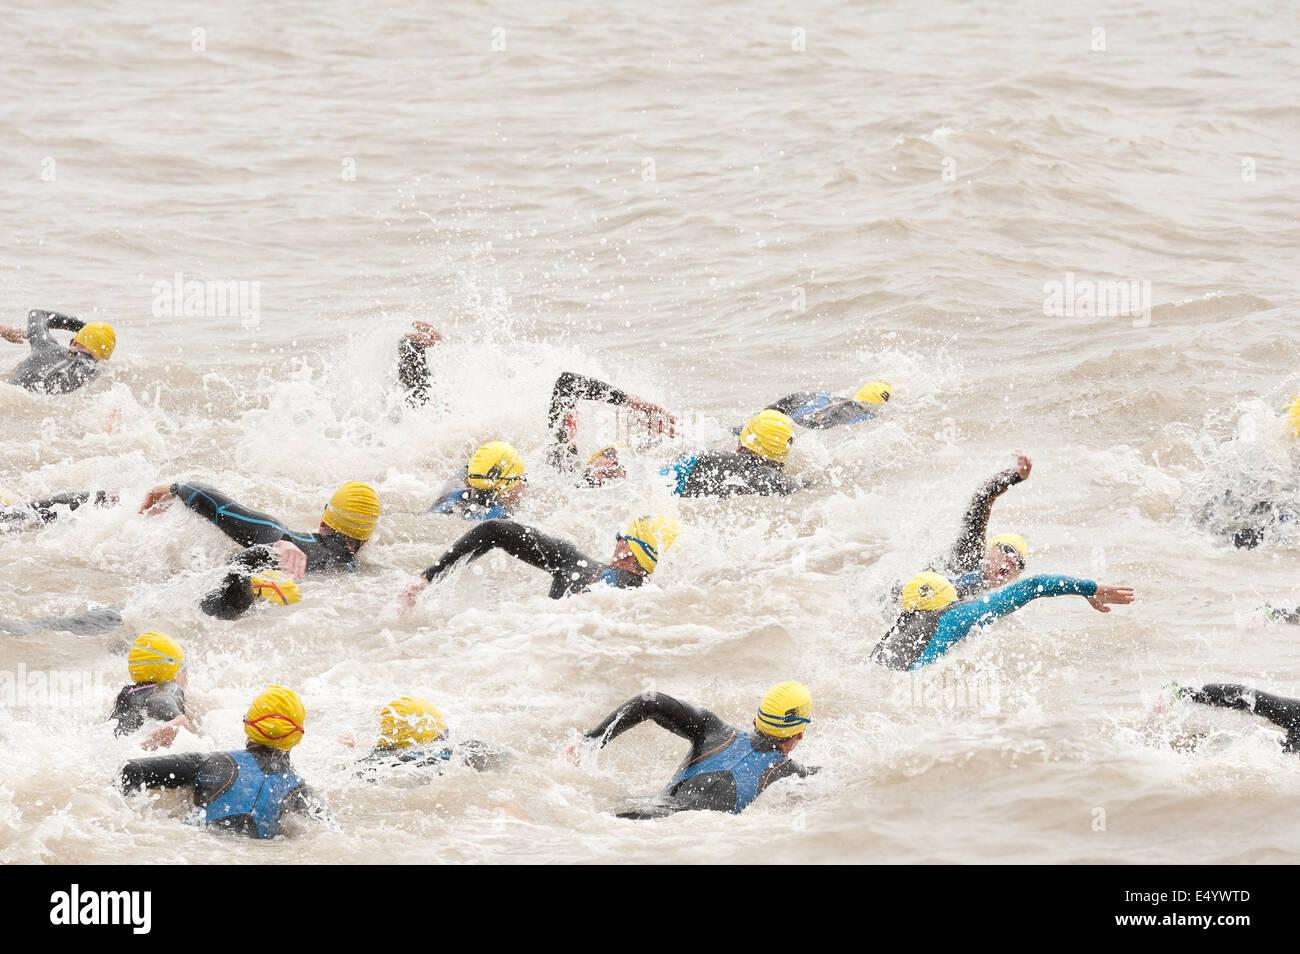 Freiwasser schwimmen Konkurrenten sprinten zu Beginn einen Triathlon im Meer tragen Wetsuits Crawl Tiefe Start freestyle Stockbild